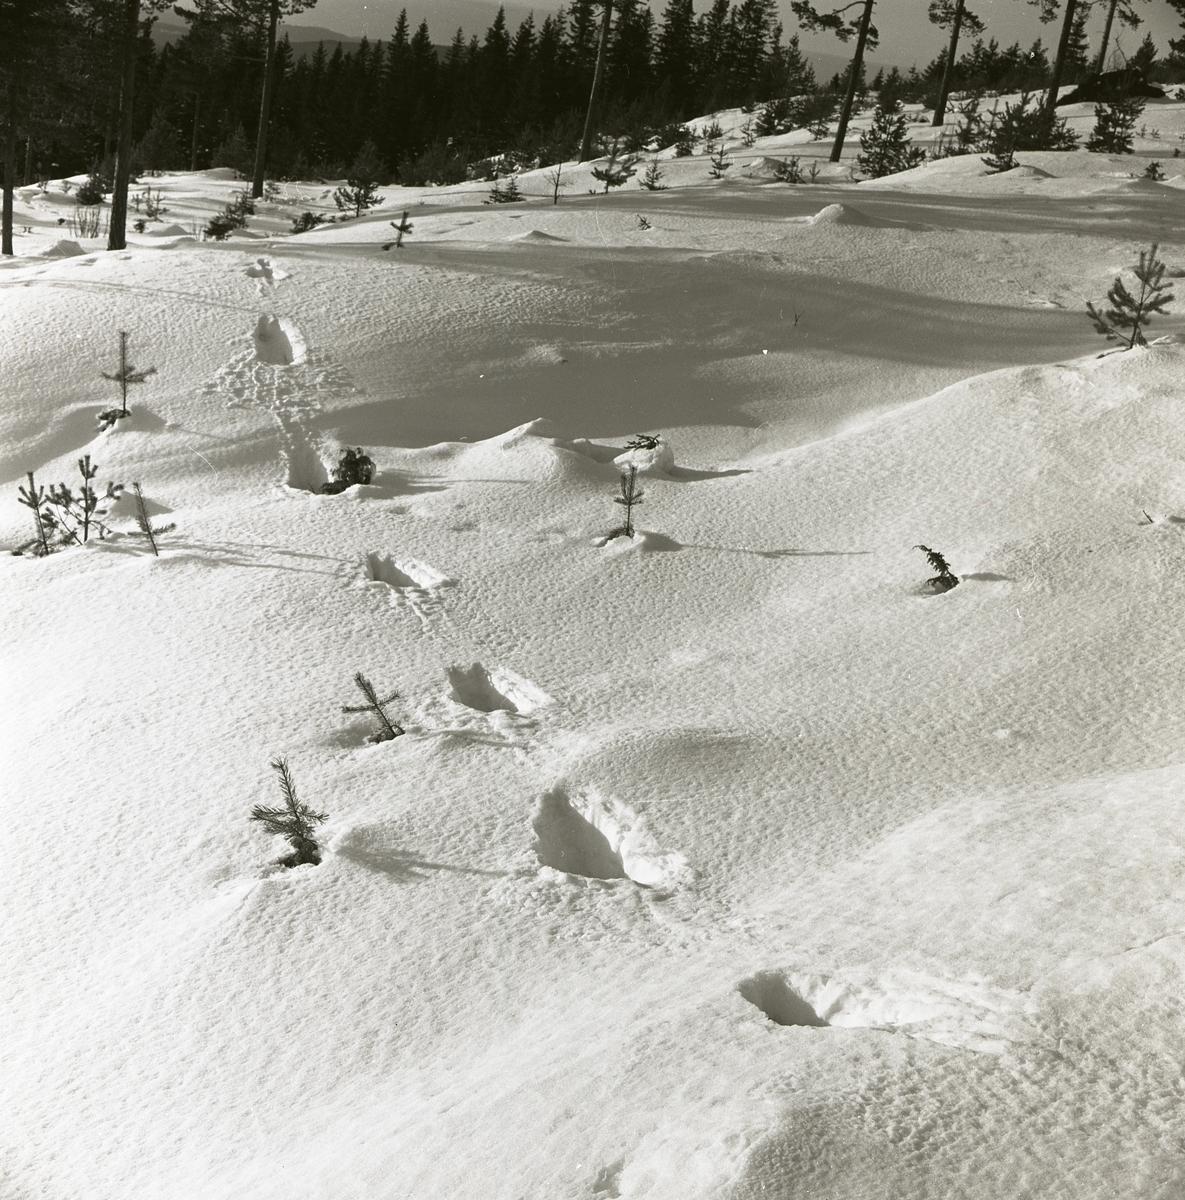 Spår av lodjur i snön vid Skogsberget, februari 1963.